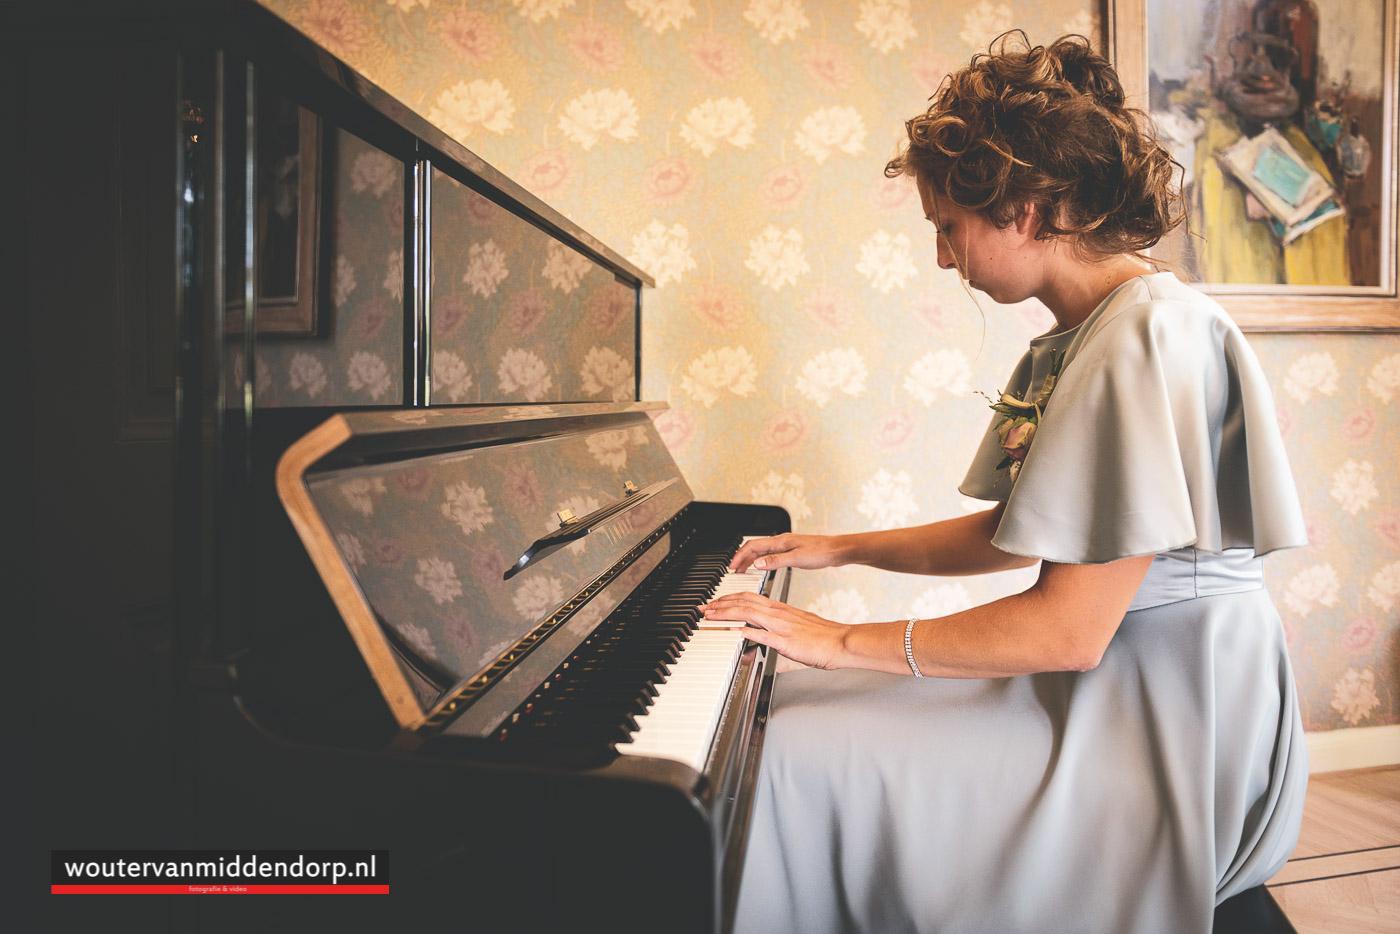 bruidsfotografie Wouter van Middendorp Uddel, Harskamp, Lunteren, Barneveld, fotograaf-24